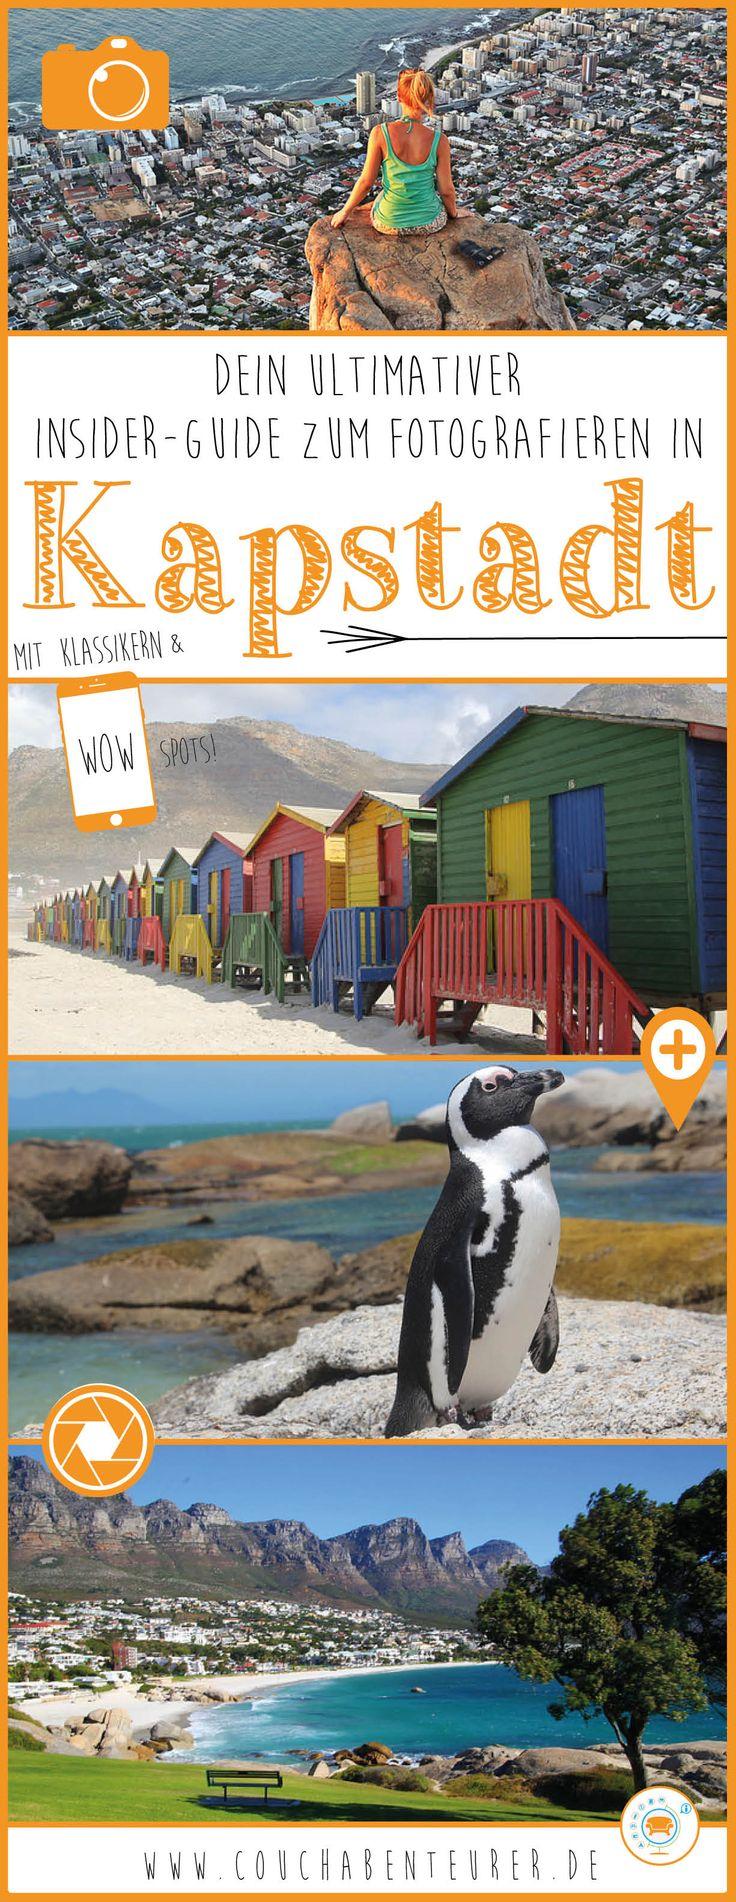 Nur hier bekommste du einen echten Insider-Guide an die Hand damit du in Kapstadt atemberaubende Fotos machen kannst - mit allen Highlights & Hotspots!